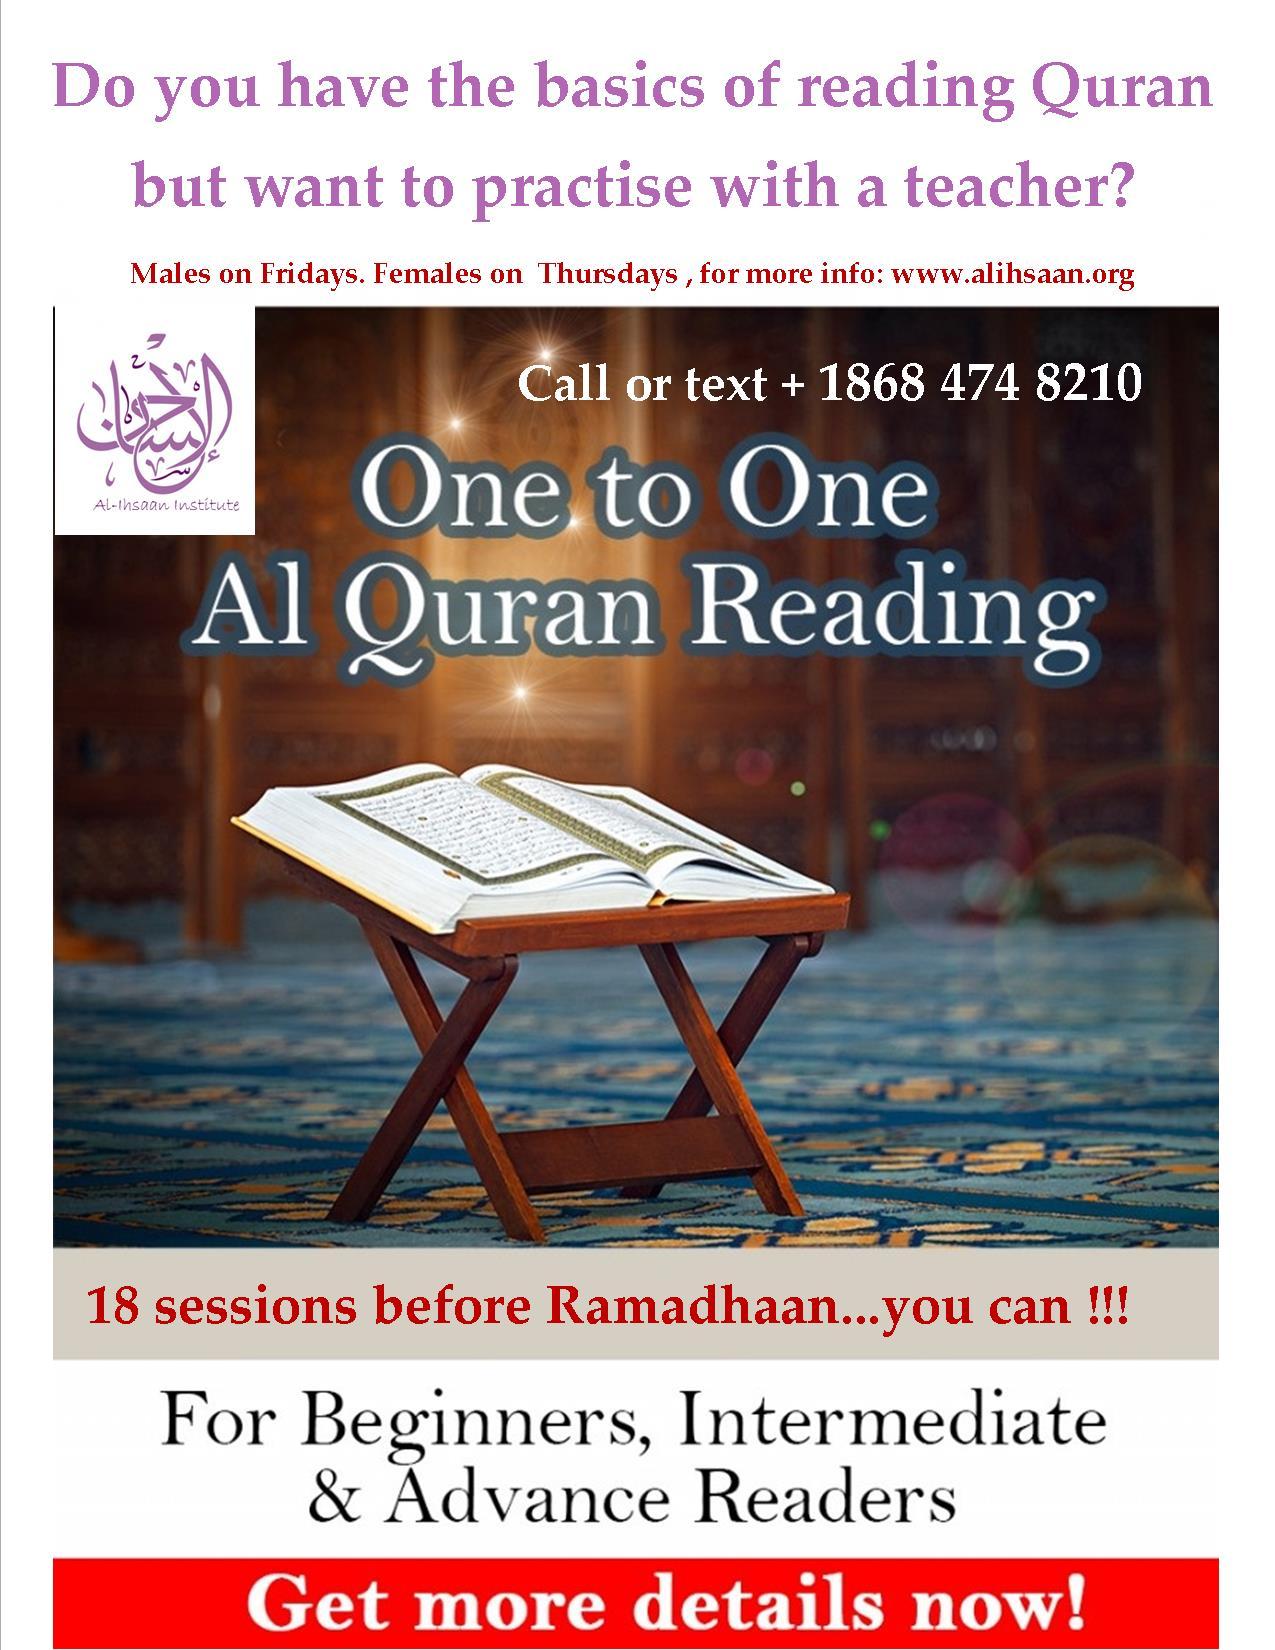 Quran reading practise.jpg